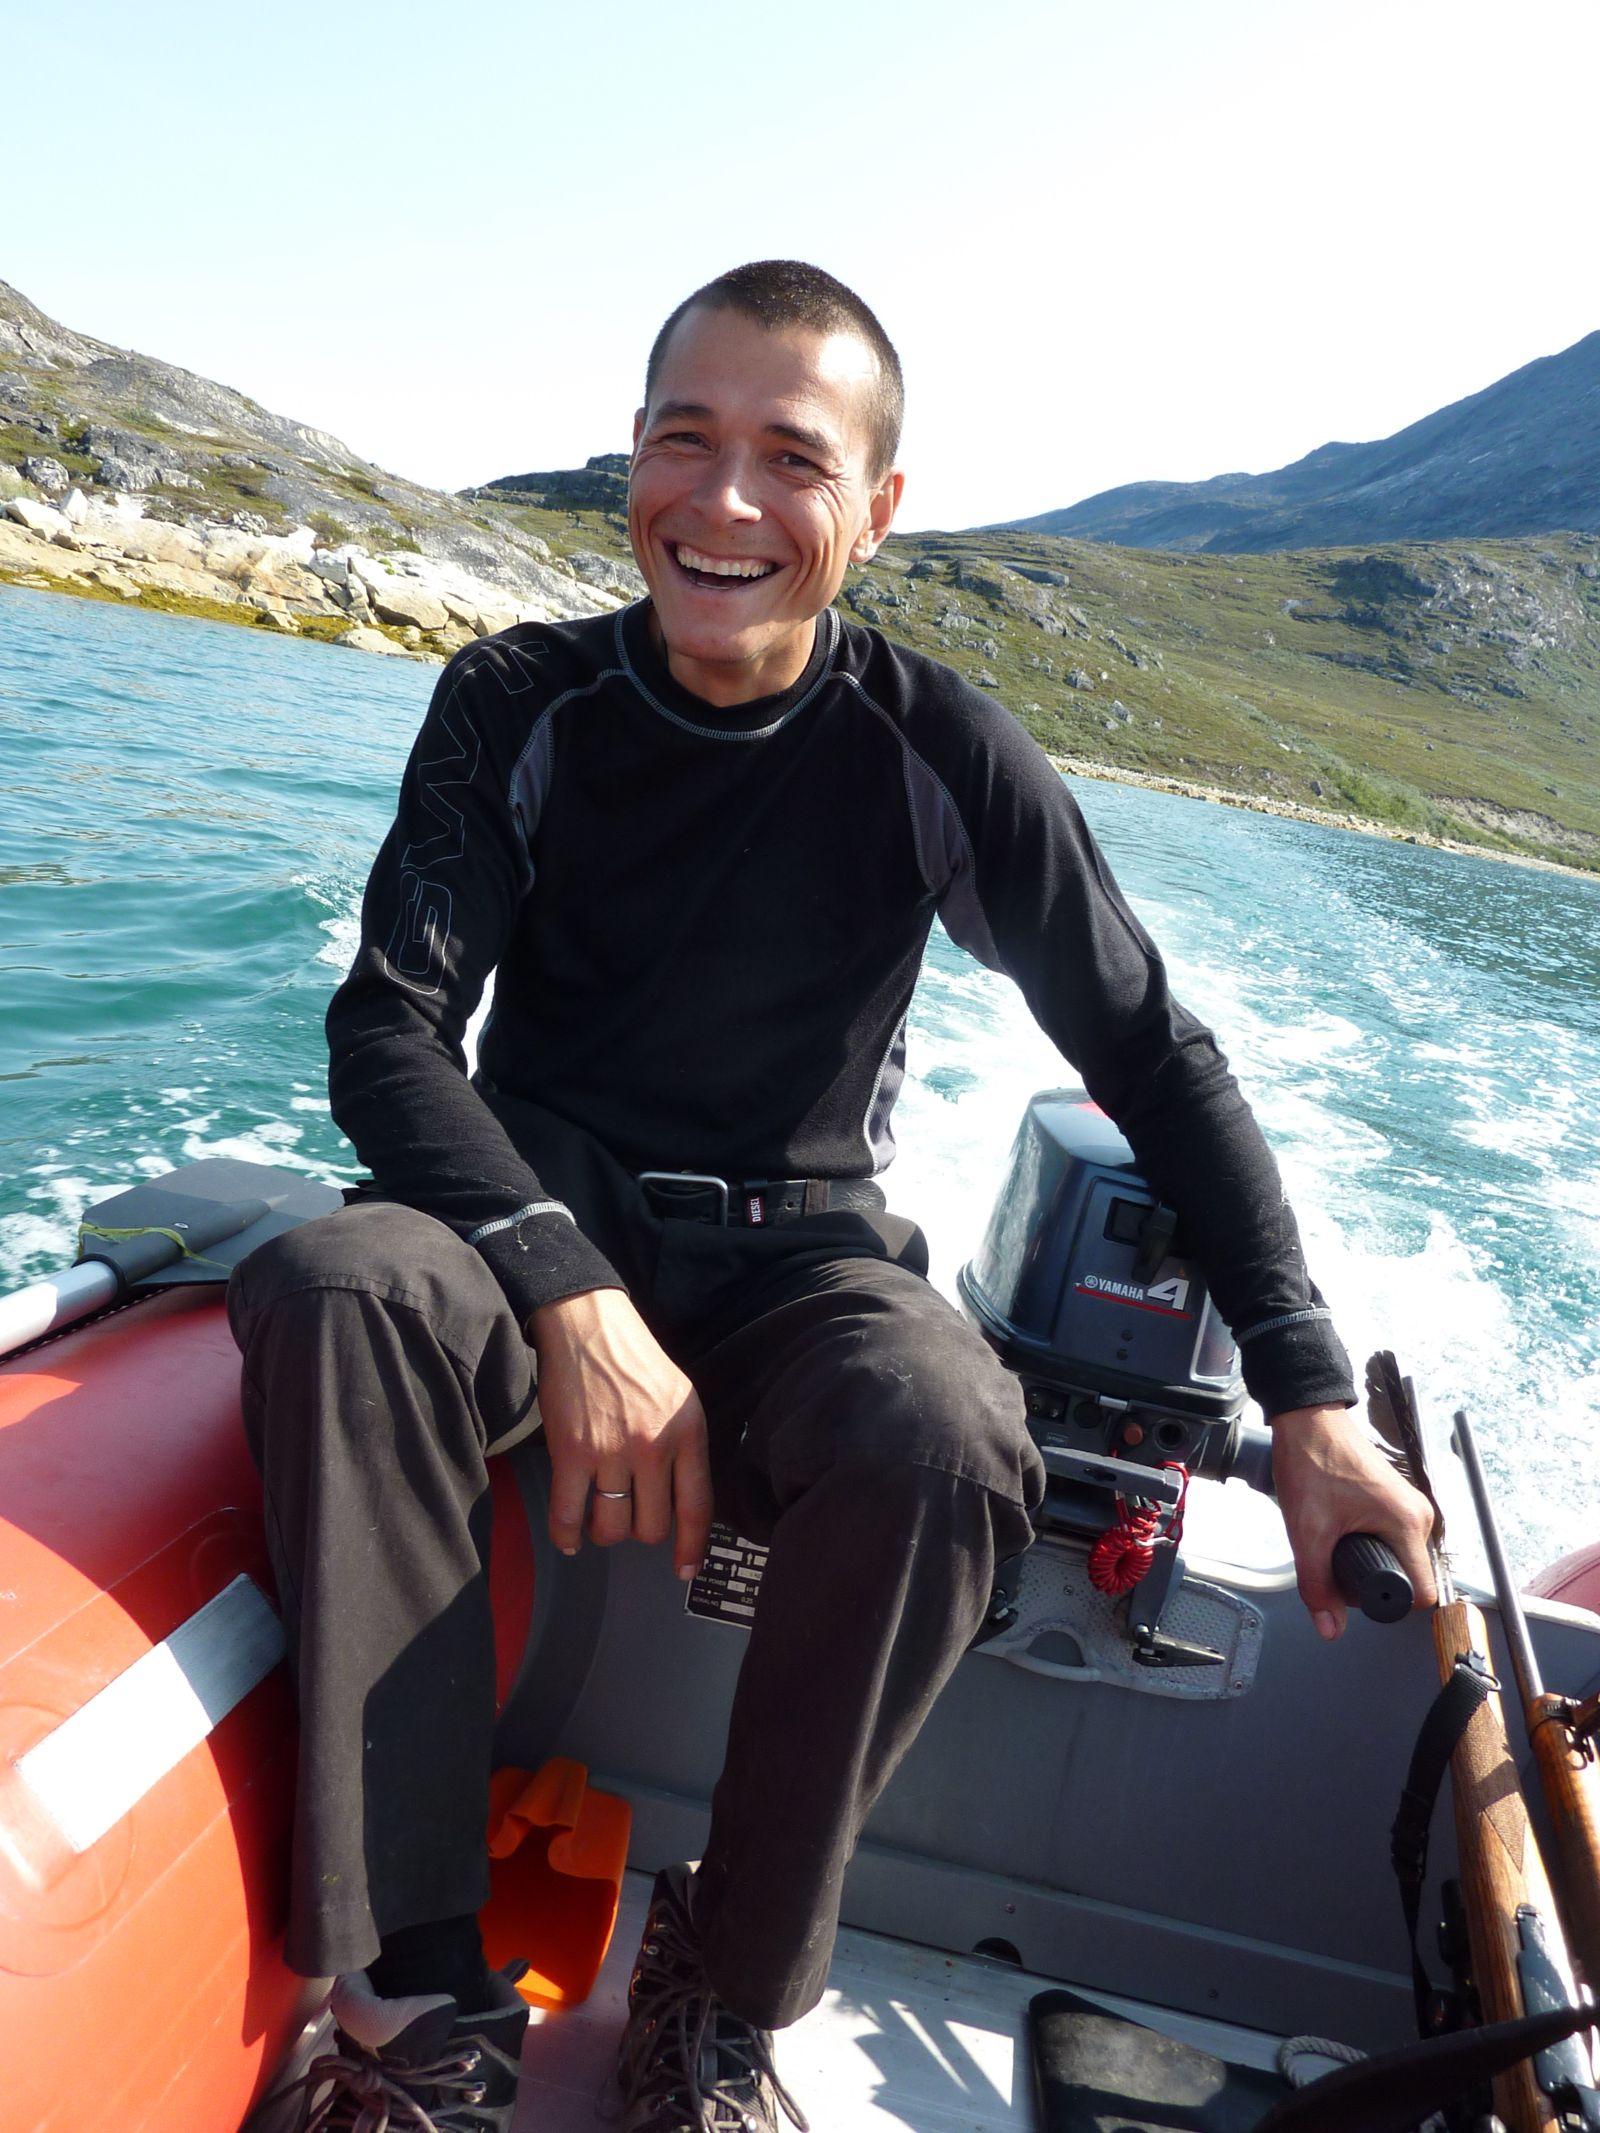 2010-08-06-1309_-_Klaus Lage Labansen